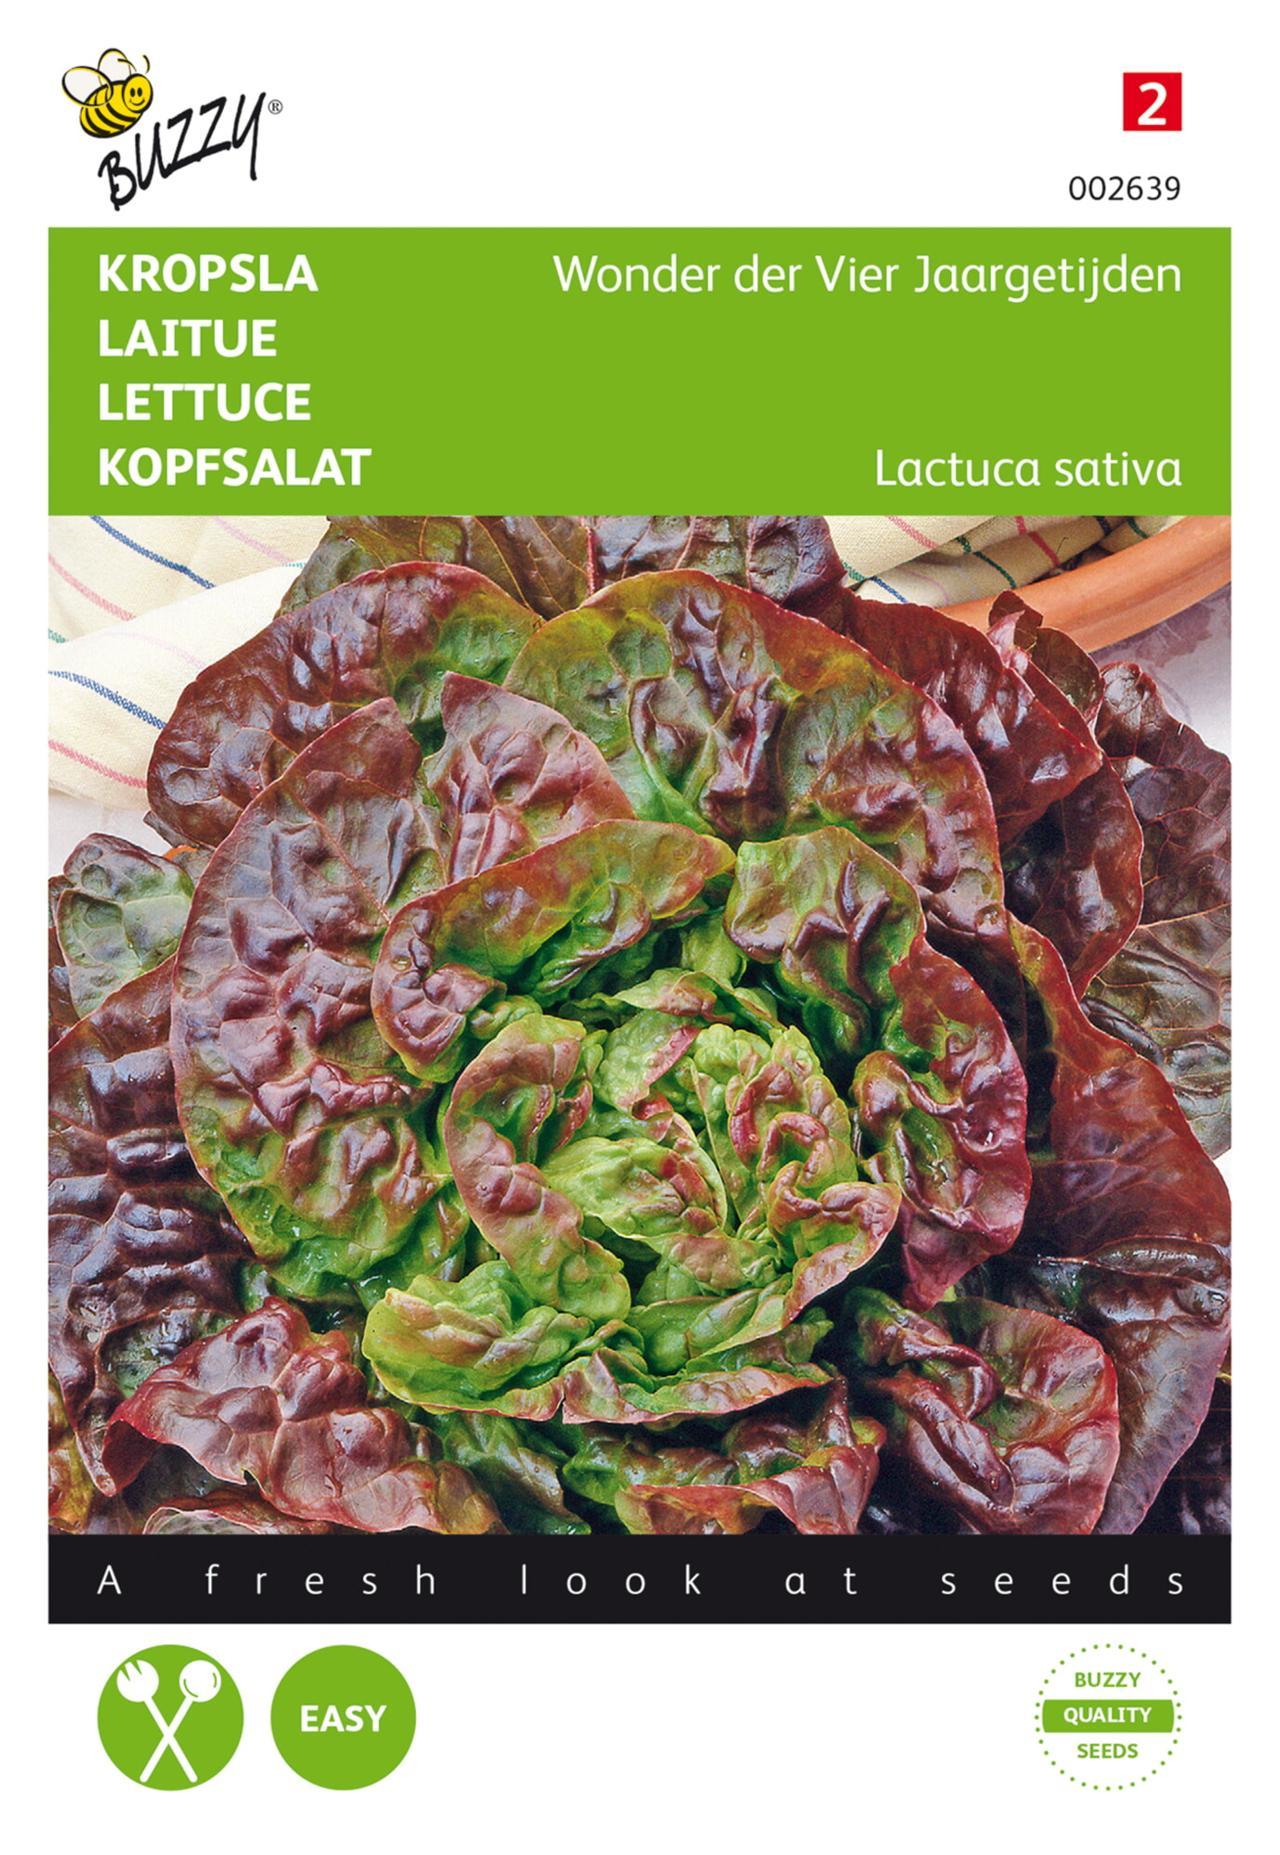 Lactuca sativa 'Wonder der Vier Jaargetijden' plant